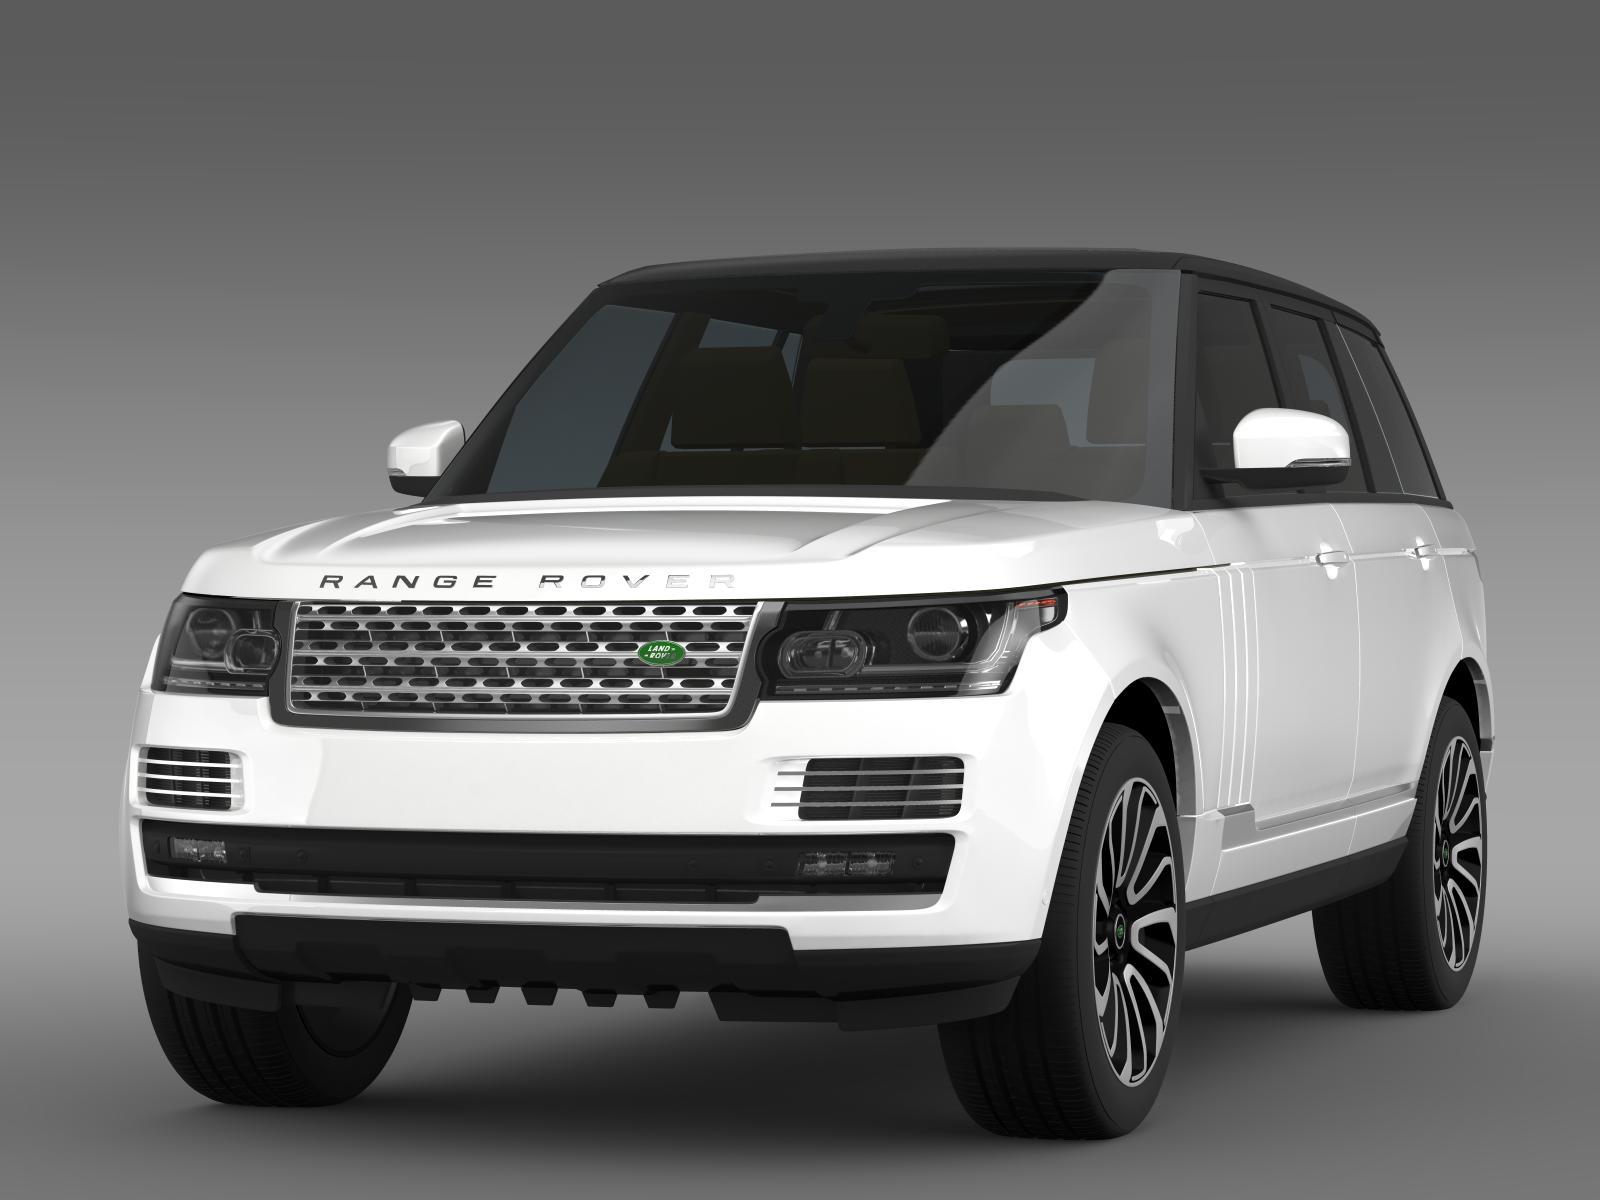 range rover autobiography v8 l405 3d model 3ds max fbx c4d lwo ma mb hrc xsi obj 162104